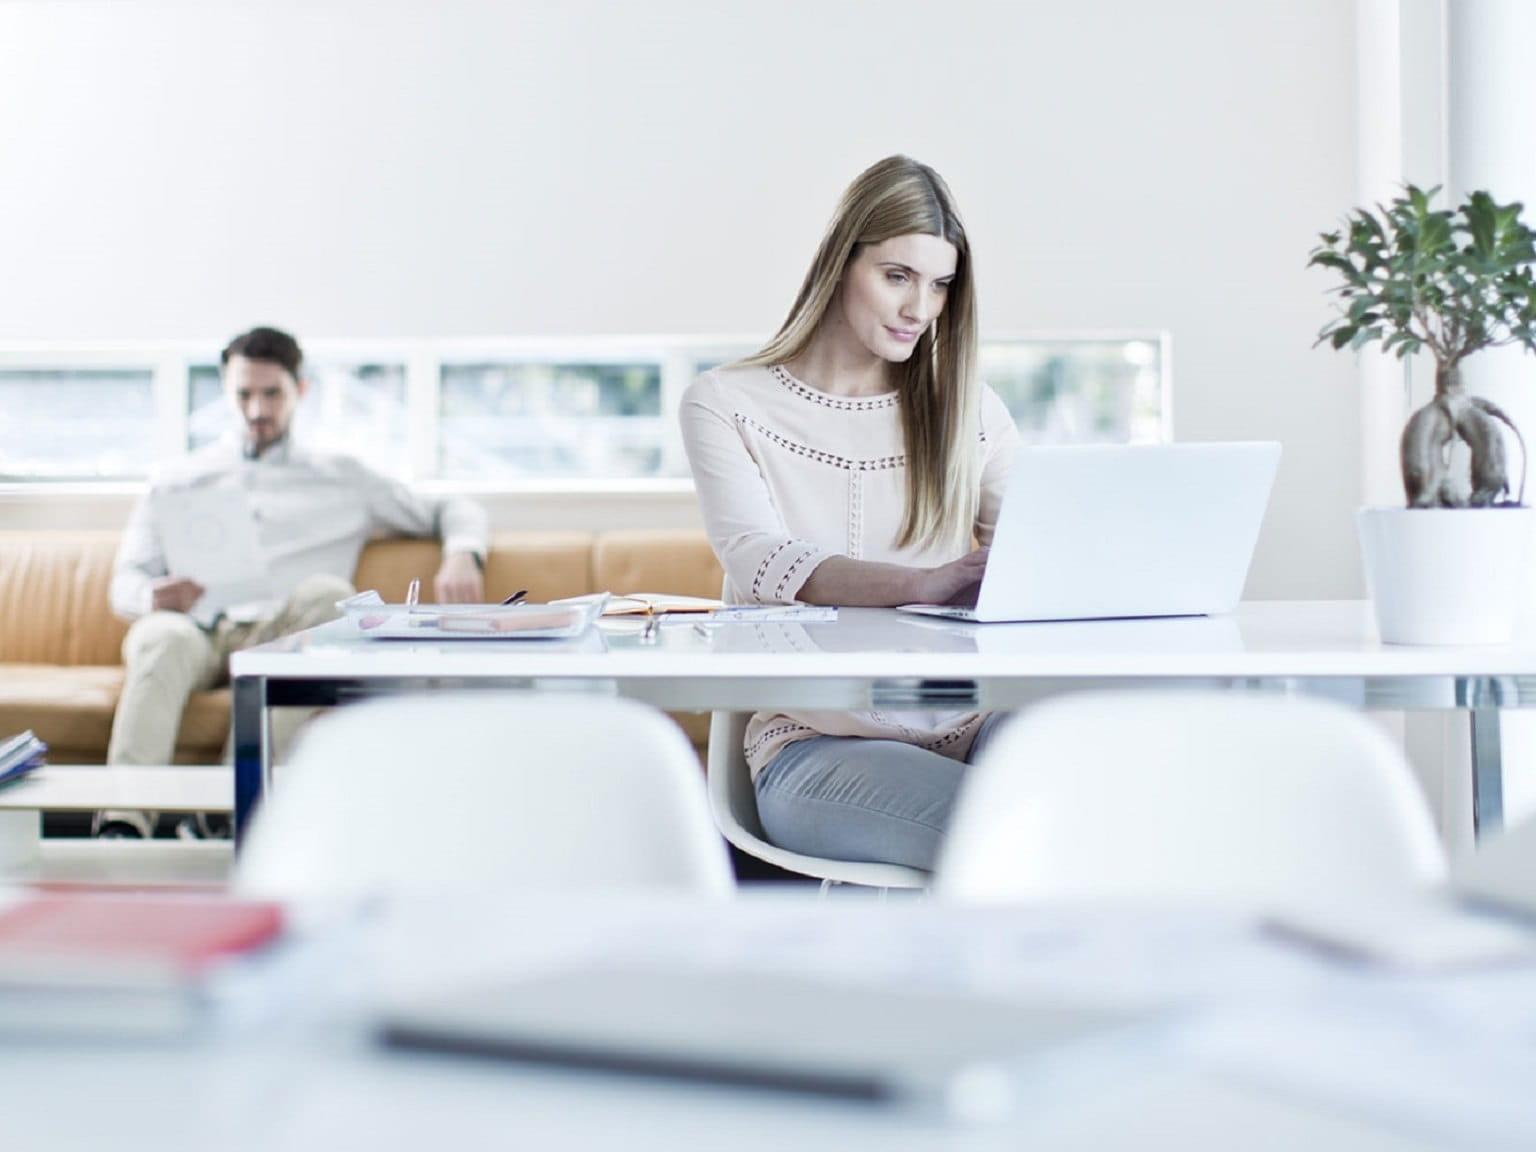 Ragazza al lavoro sul suo PC portatile